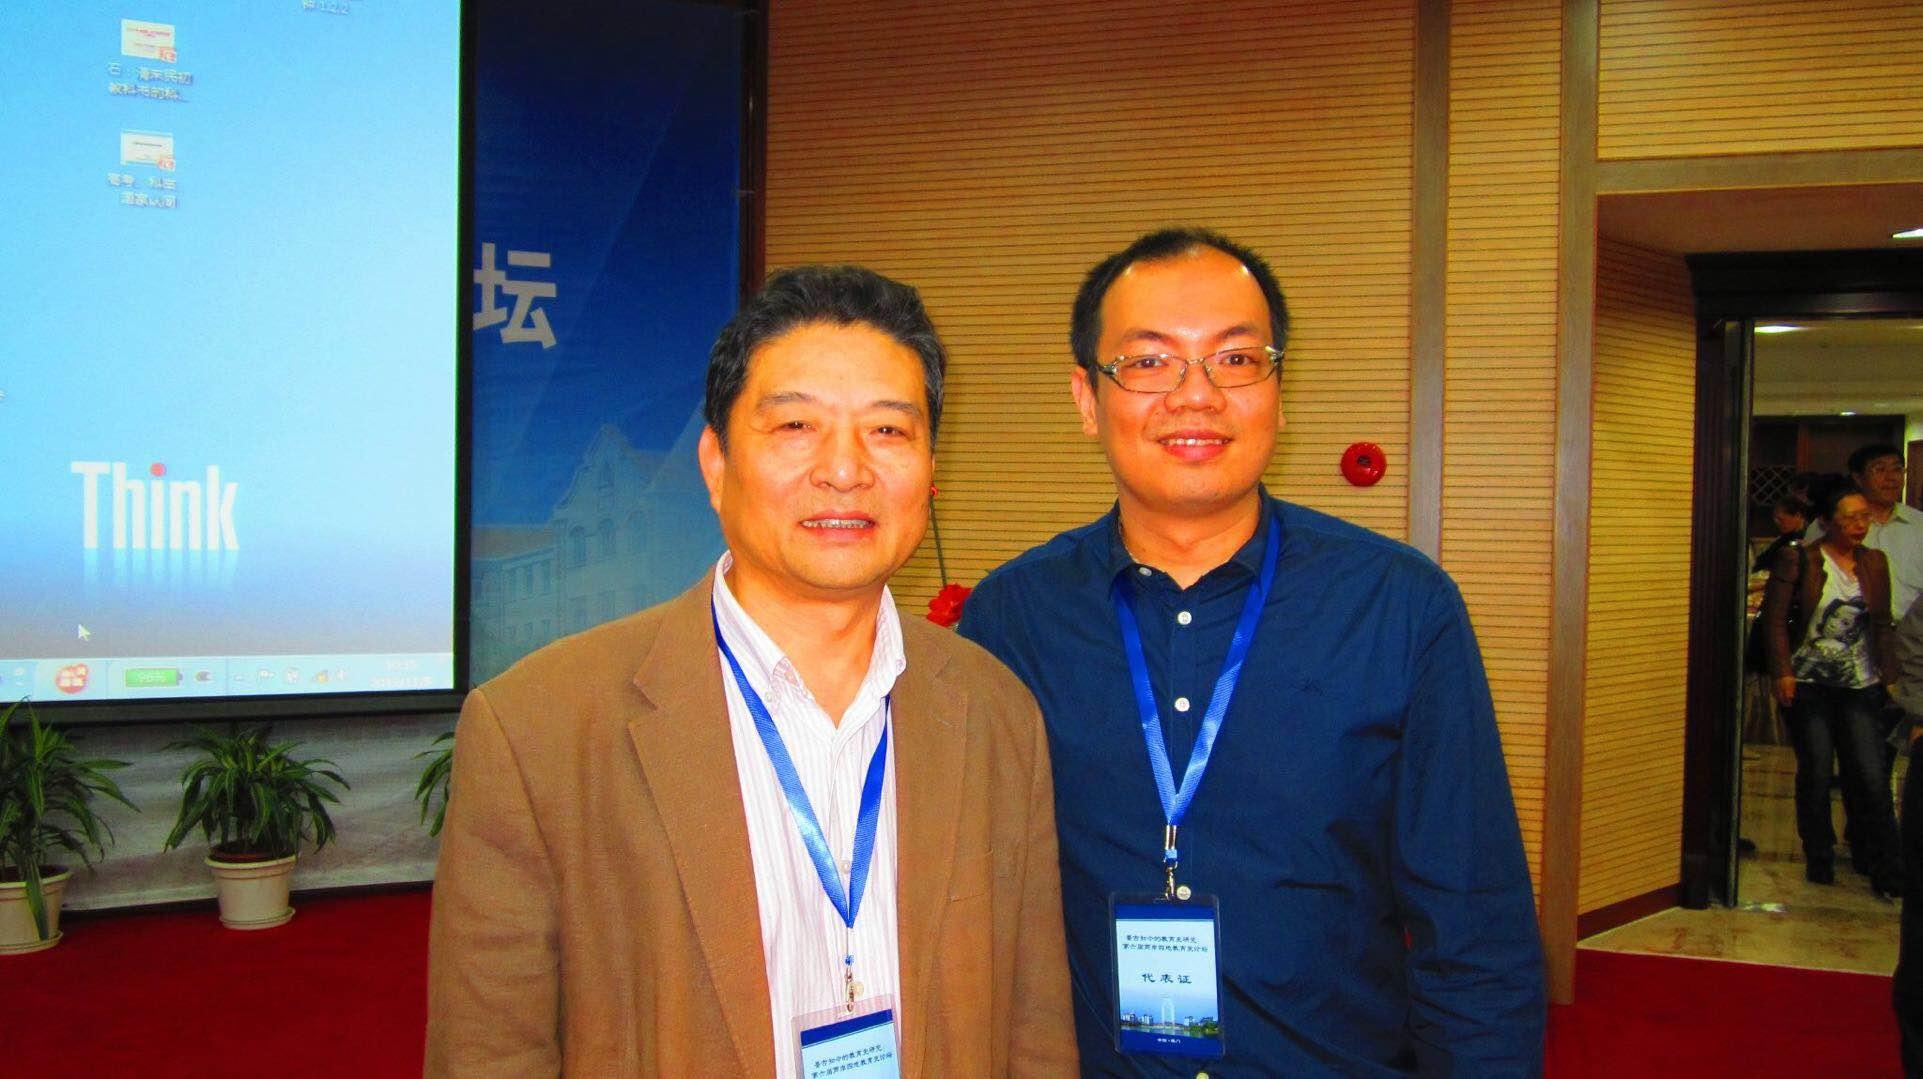 陳志峰還是一位研究生時已參加海峽兩岸暨港澳地區教育史論壇,幸得與中國教育研究大師級人馬丁鋼教授合影,如今一轉眼這個學術盛會辦了十二年。(圖片由受訪者提供)